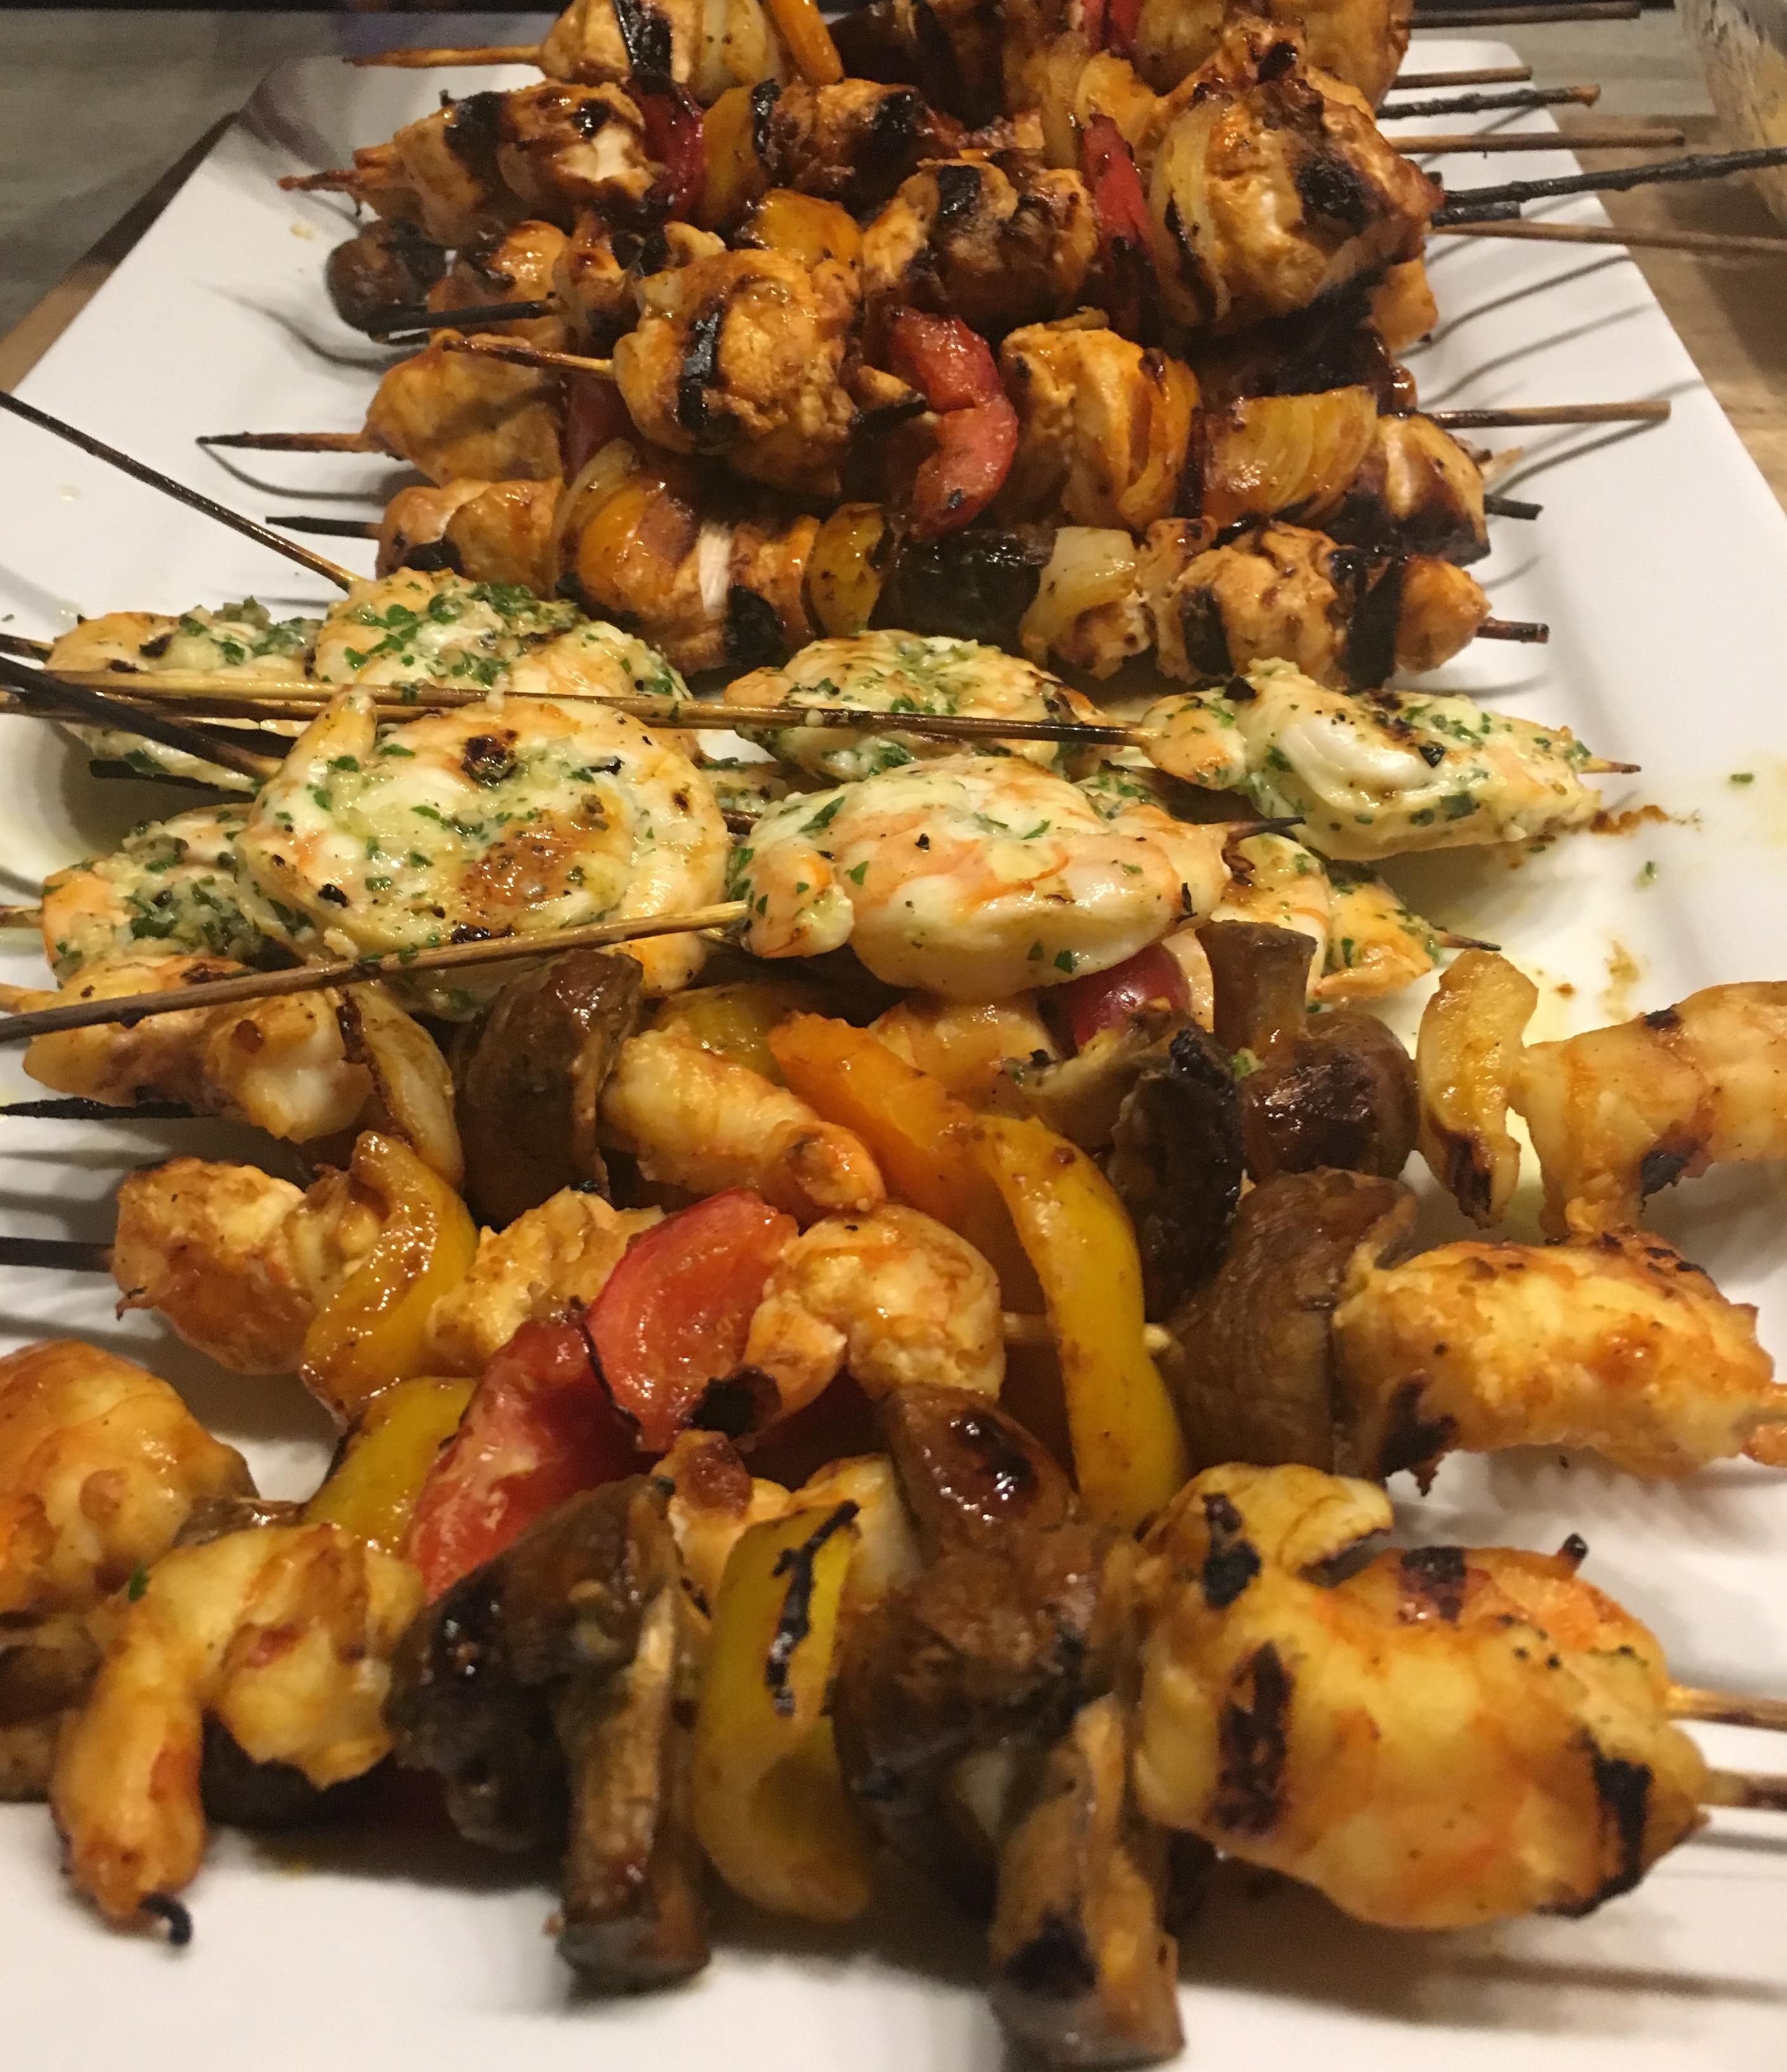 BBQ Kebobs - Shrimp, Chicken, Vegetables